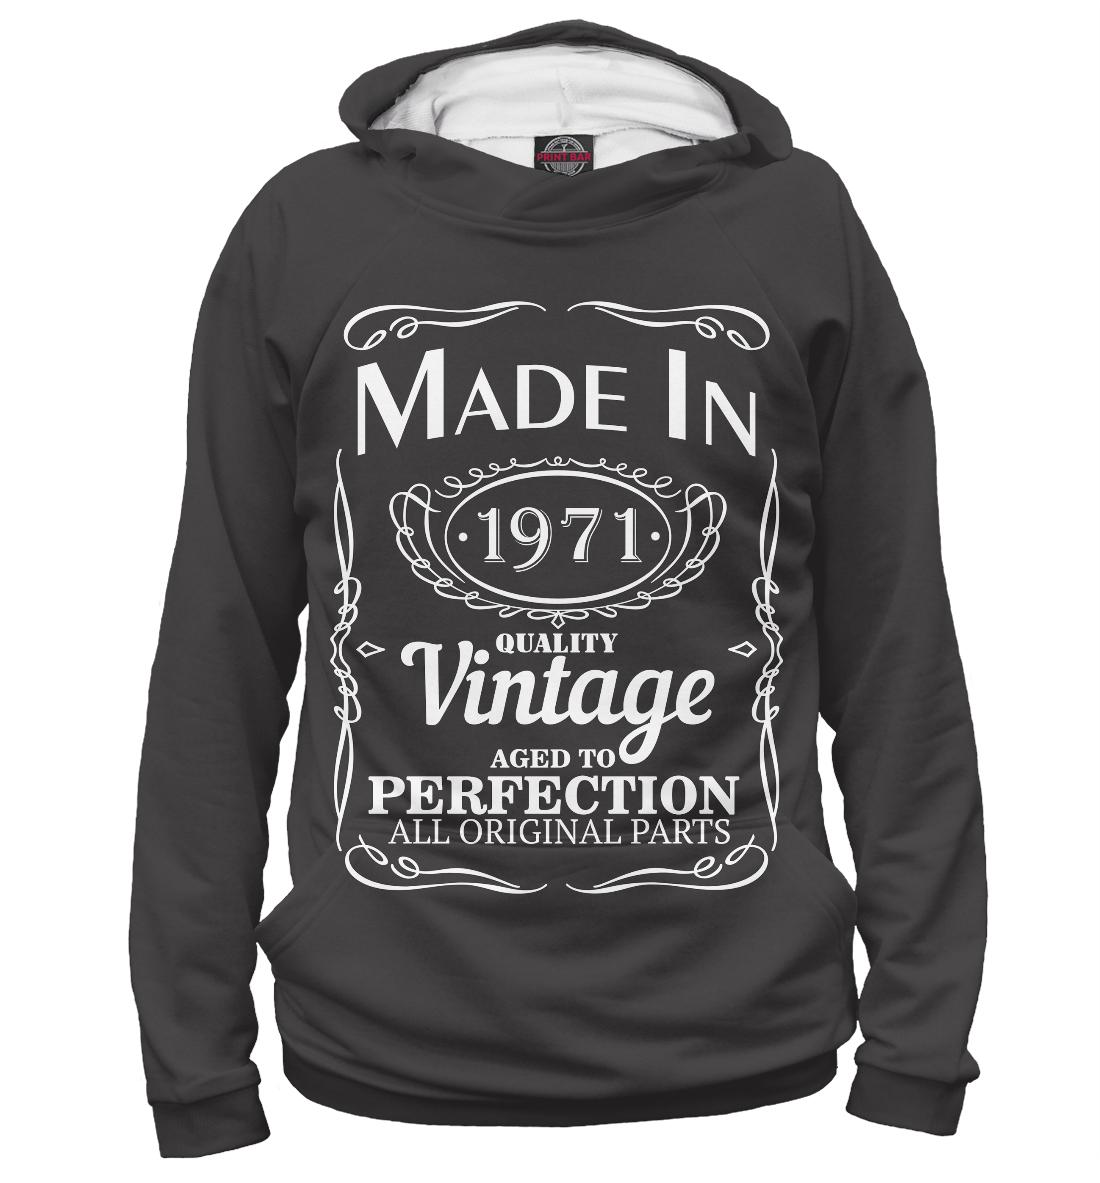 Купить Сделано в 1971, Printbar, Худи, DSI-172830-hud-1